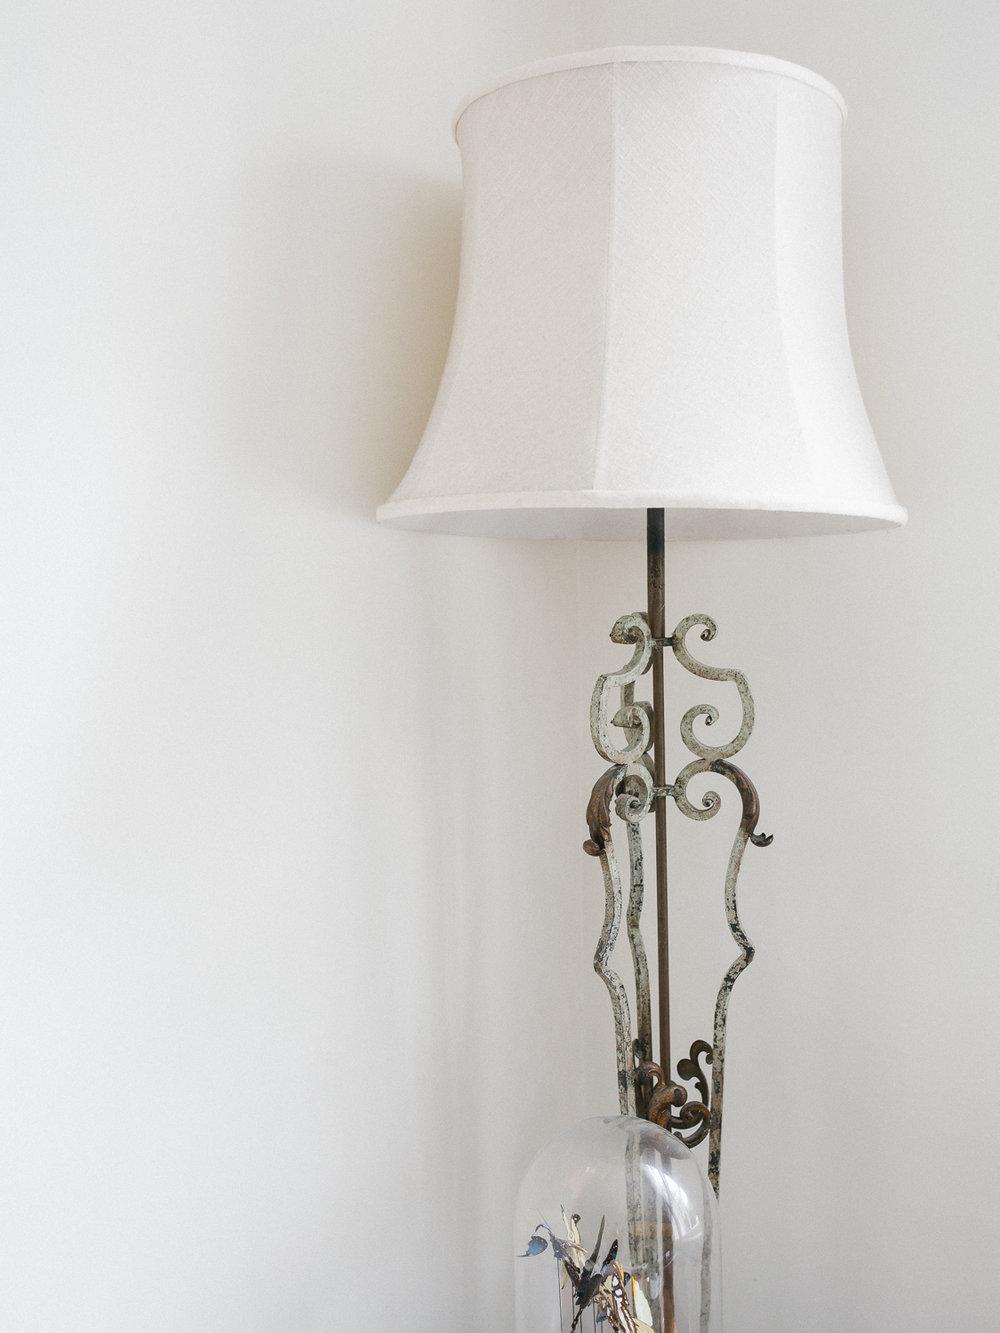 vintage lamp - Larkhall Place, Bath